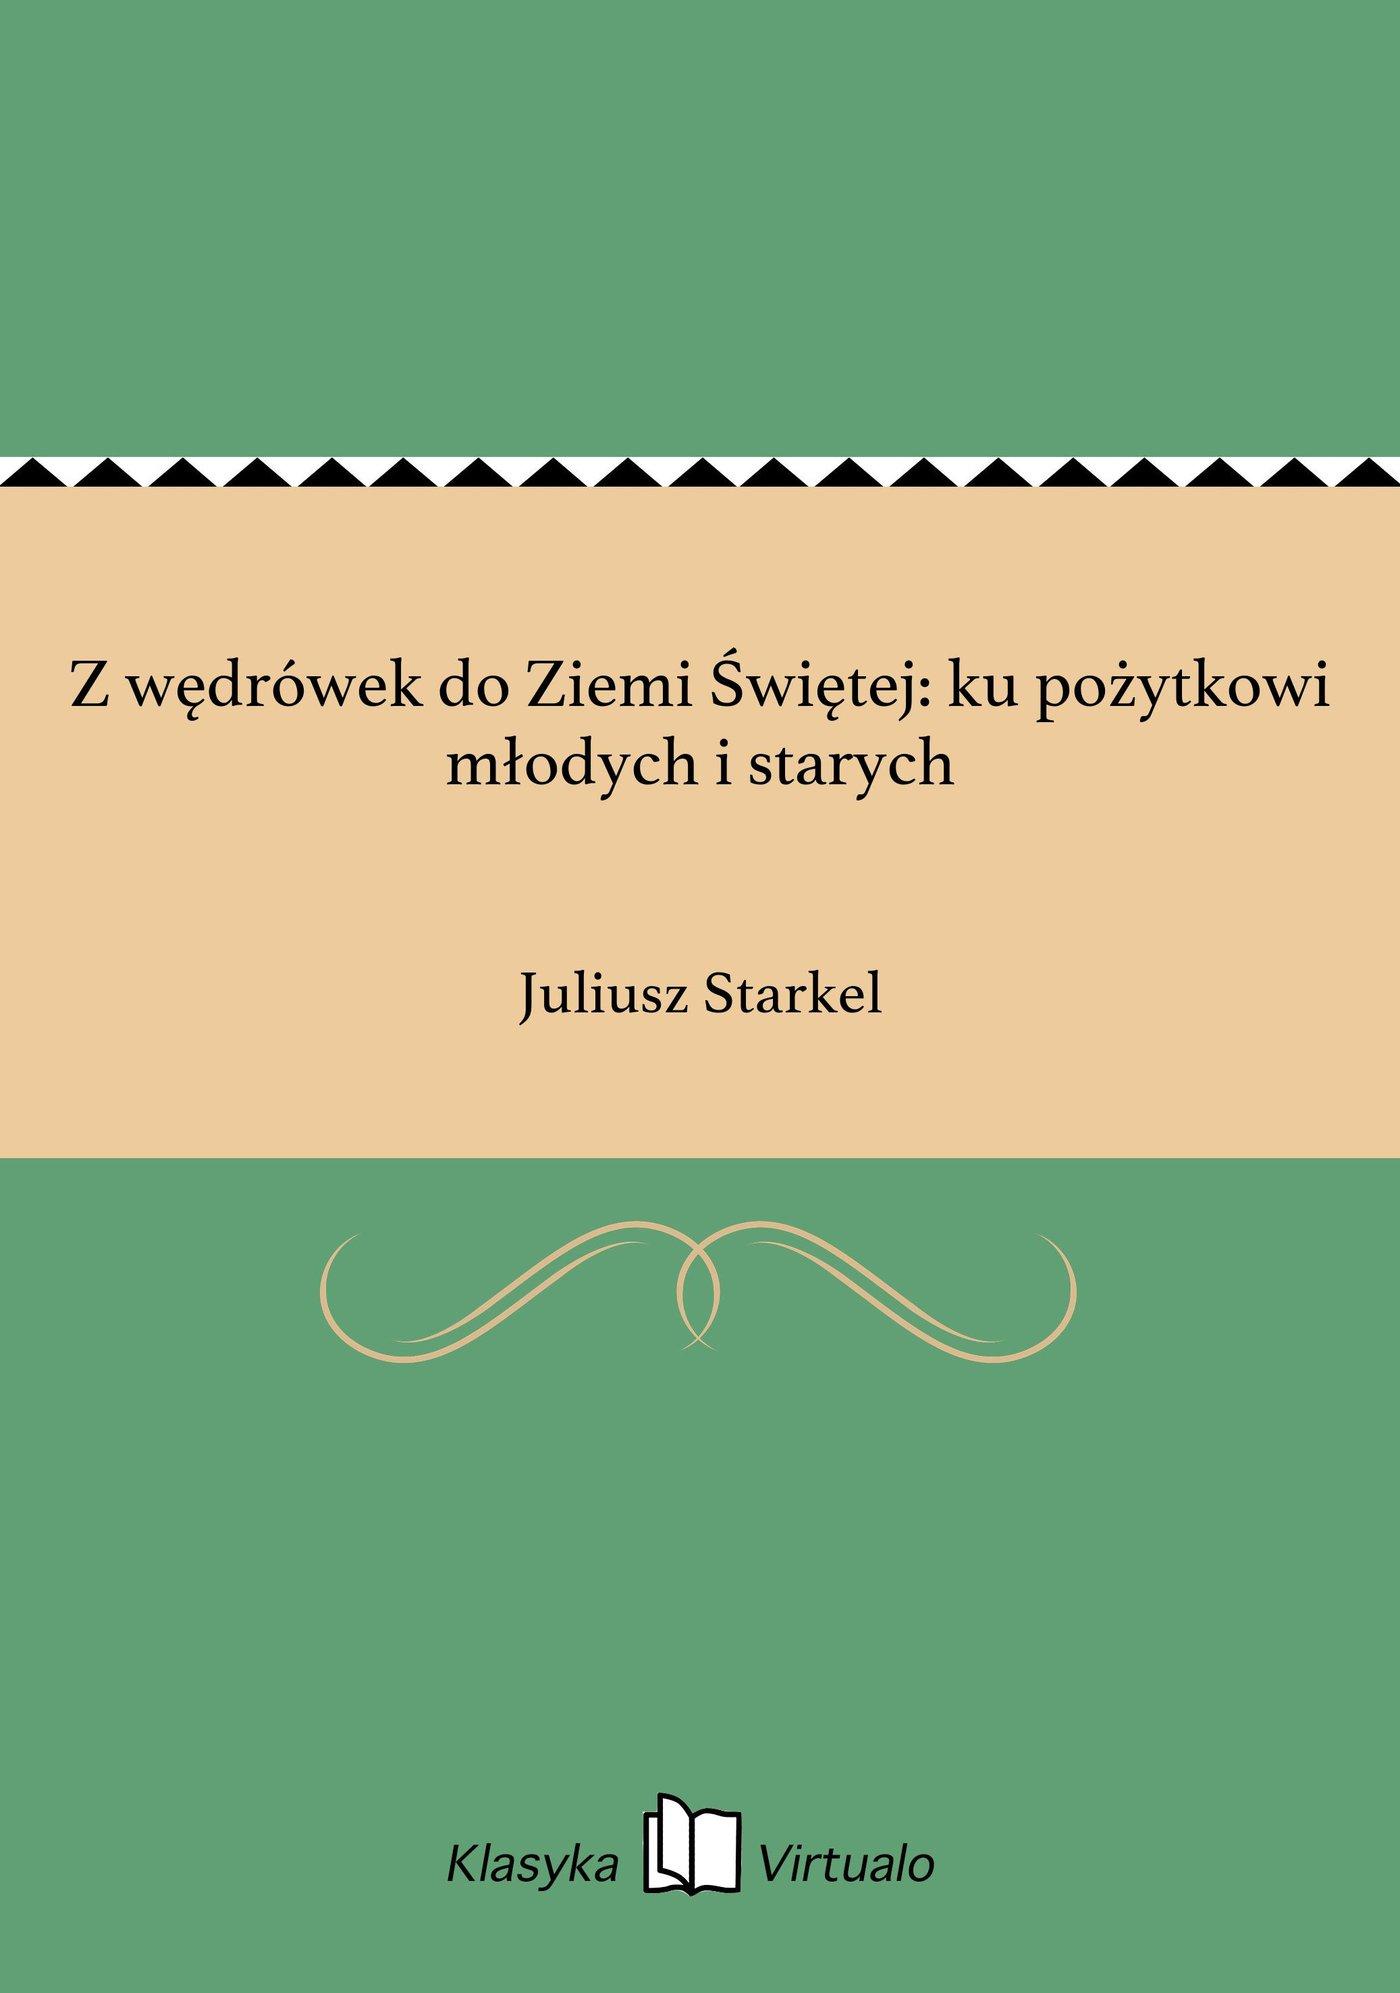 Z wędrówek do Ziemi Świętej: ku pożytkowi młodych i starych - Ebook (Książka EPUB) do pobrania w formacie EPUB